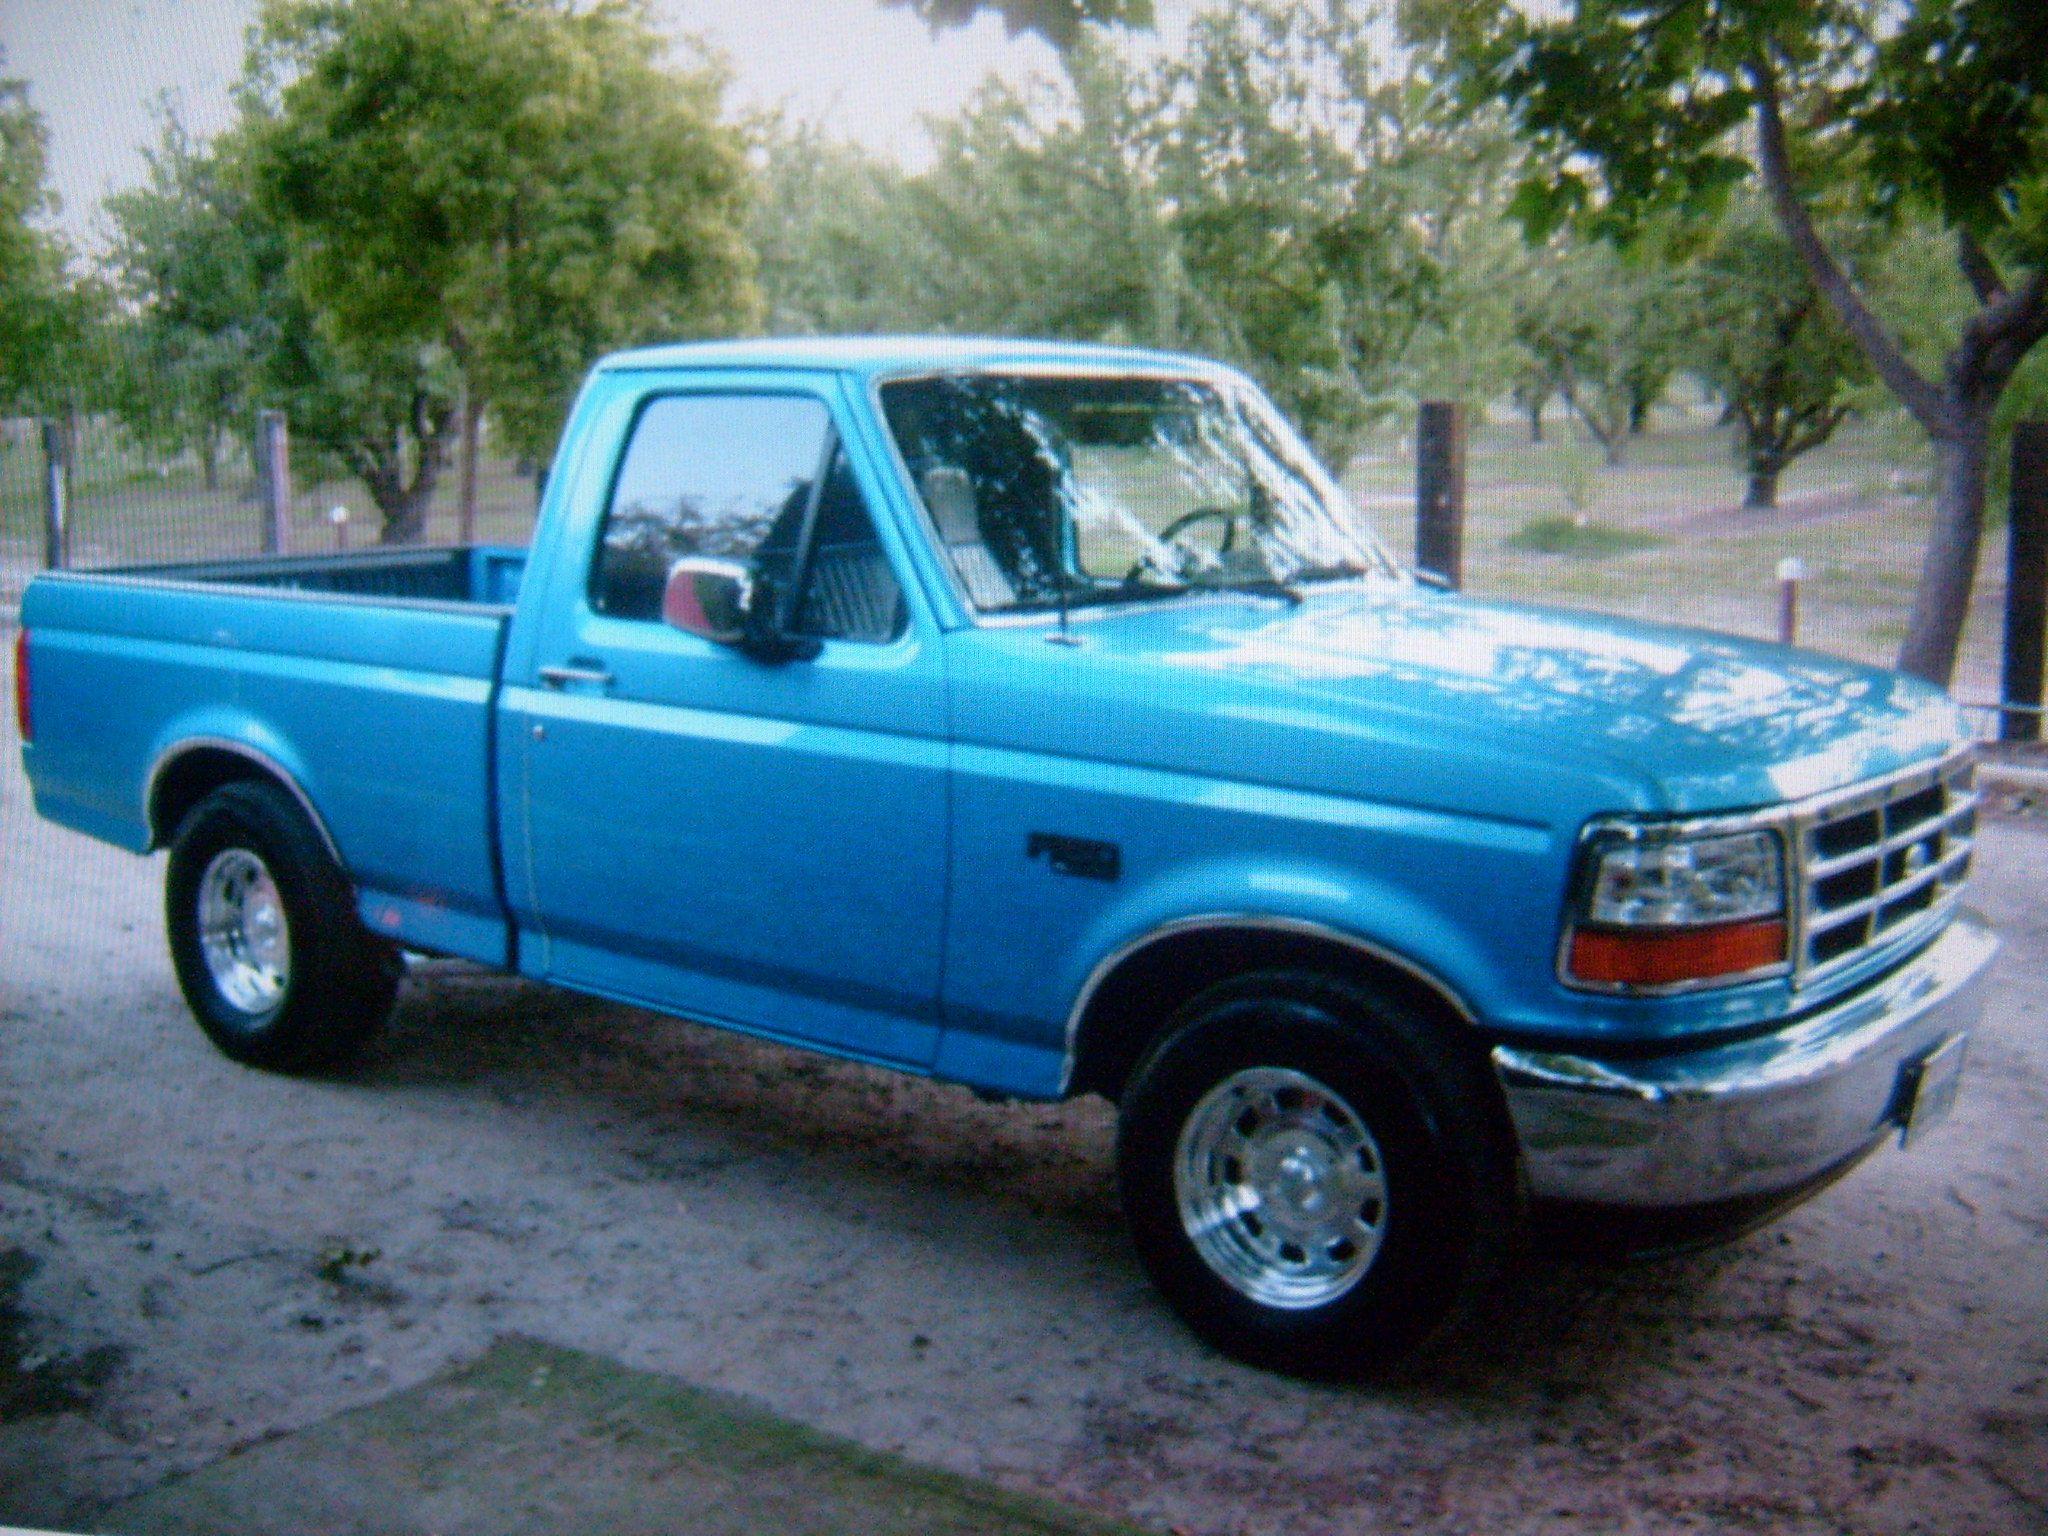 Ford trucks ricks 95 ford truck 1995 ford f 150 xl inline 6 auto ford truck